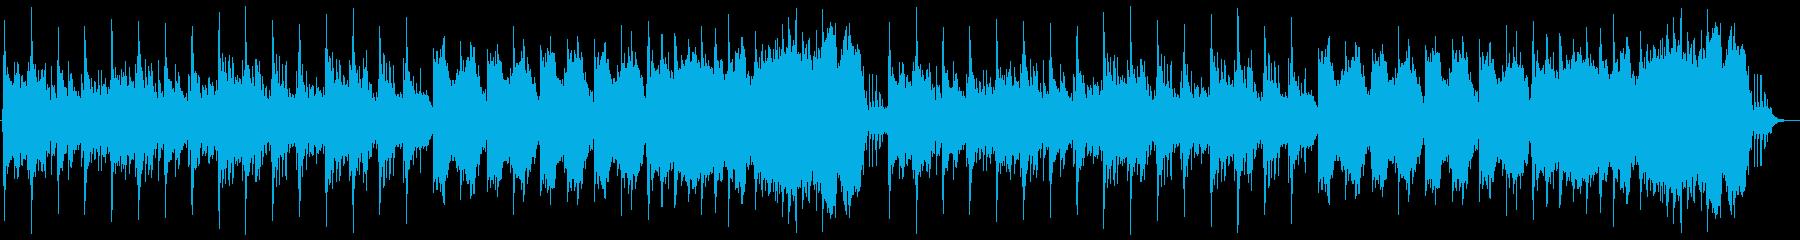 中世の不穏なゴシック曲の再生済みの波形